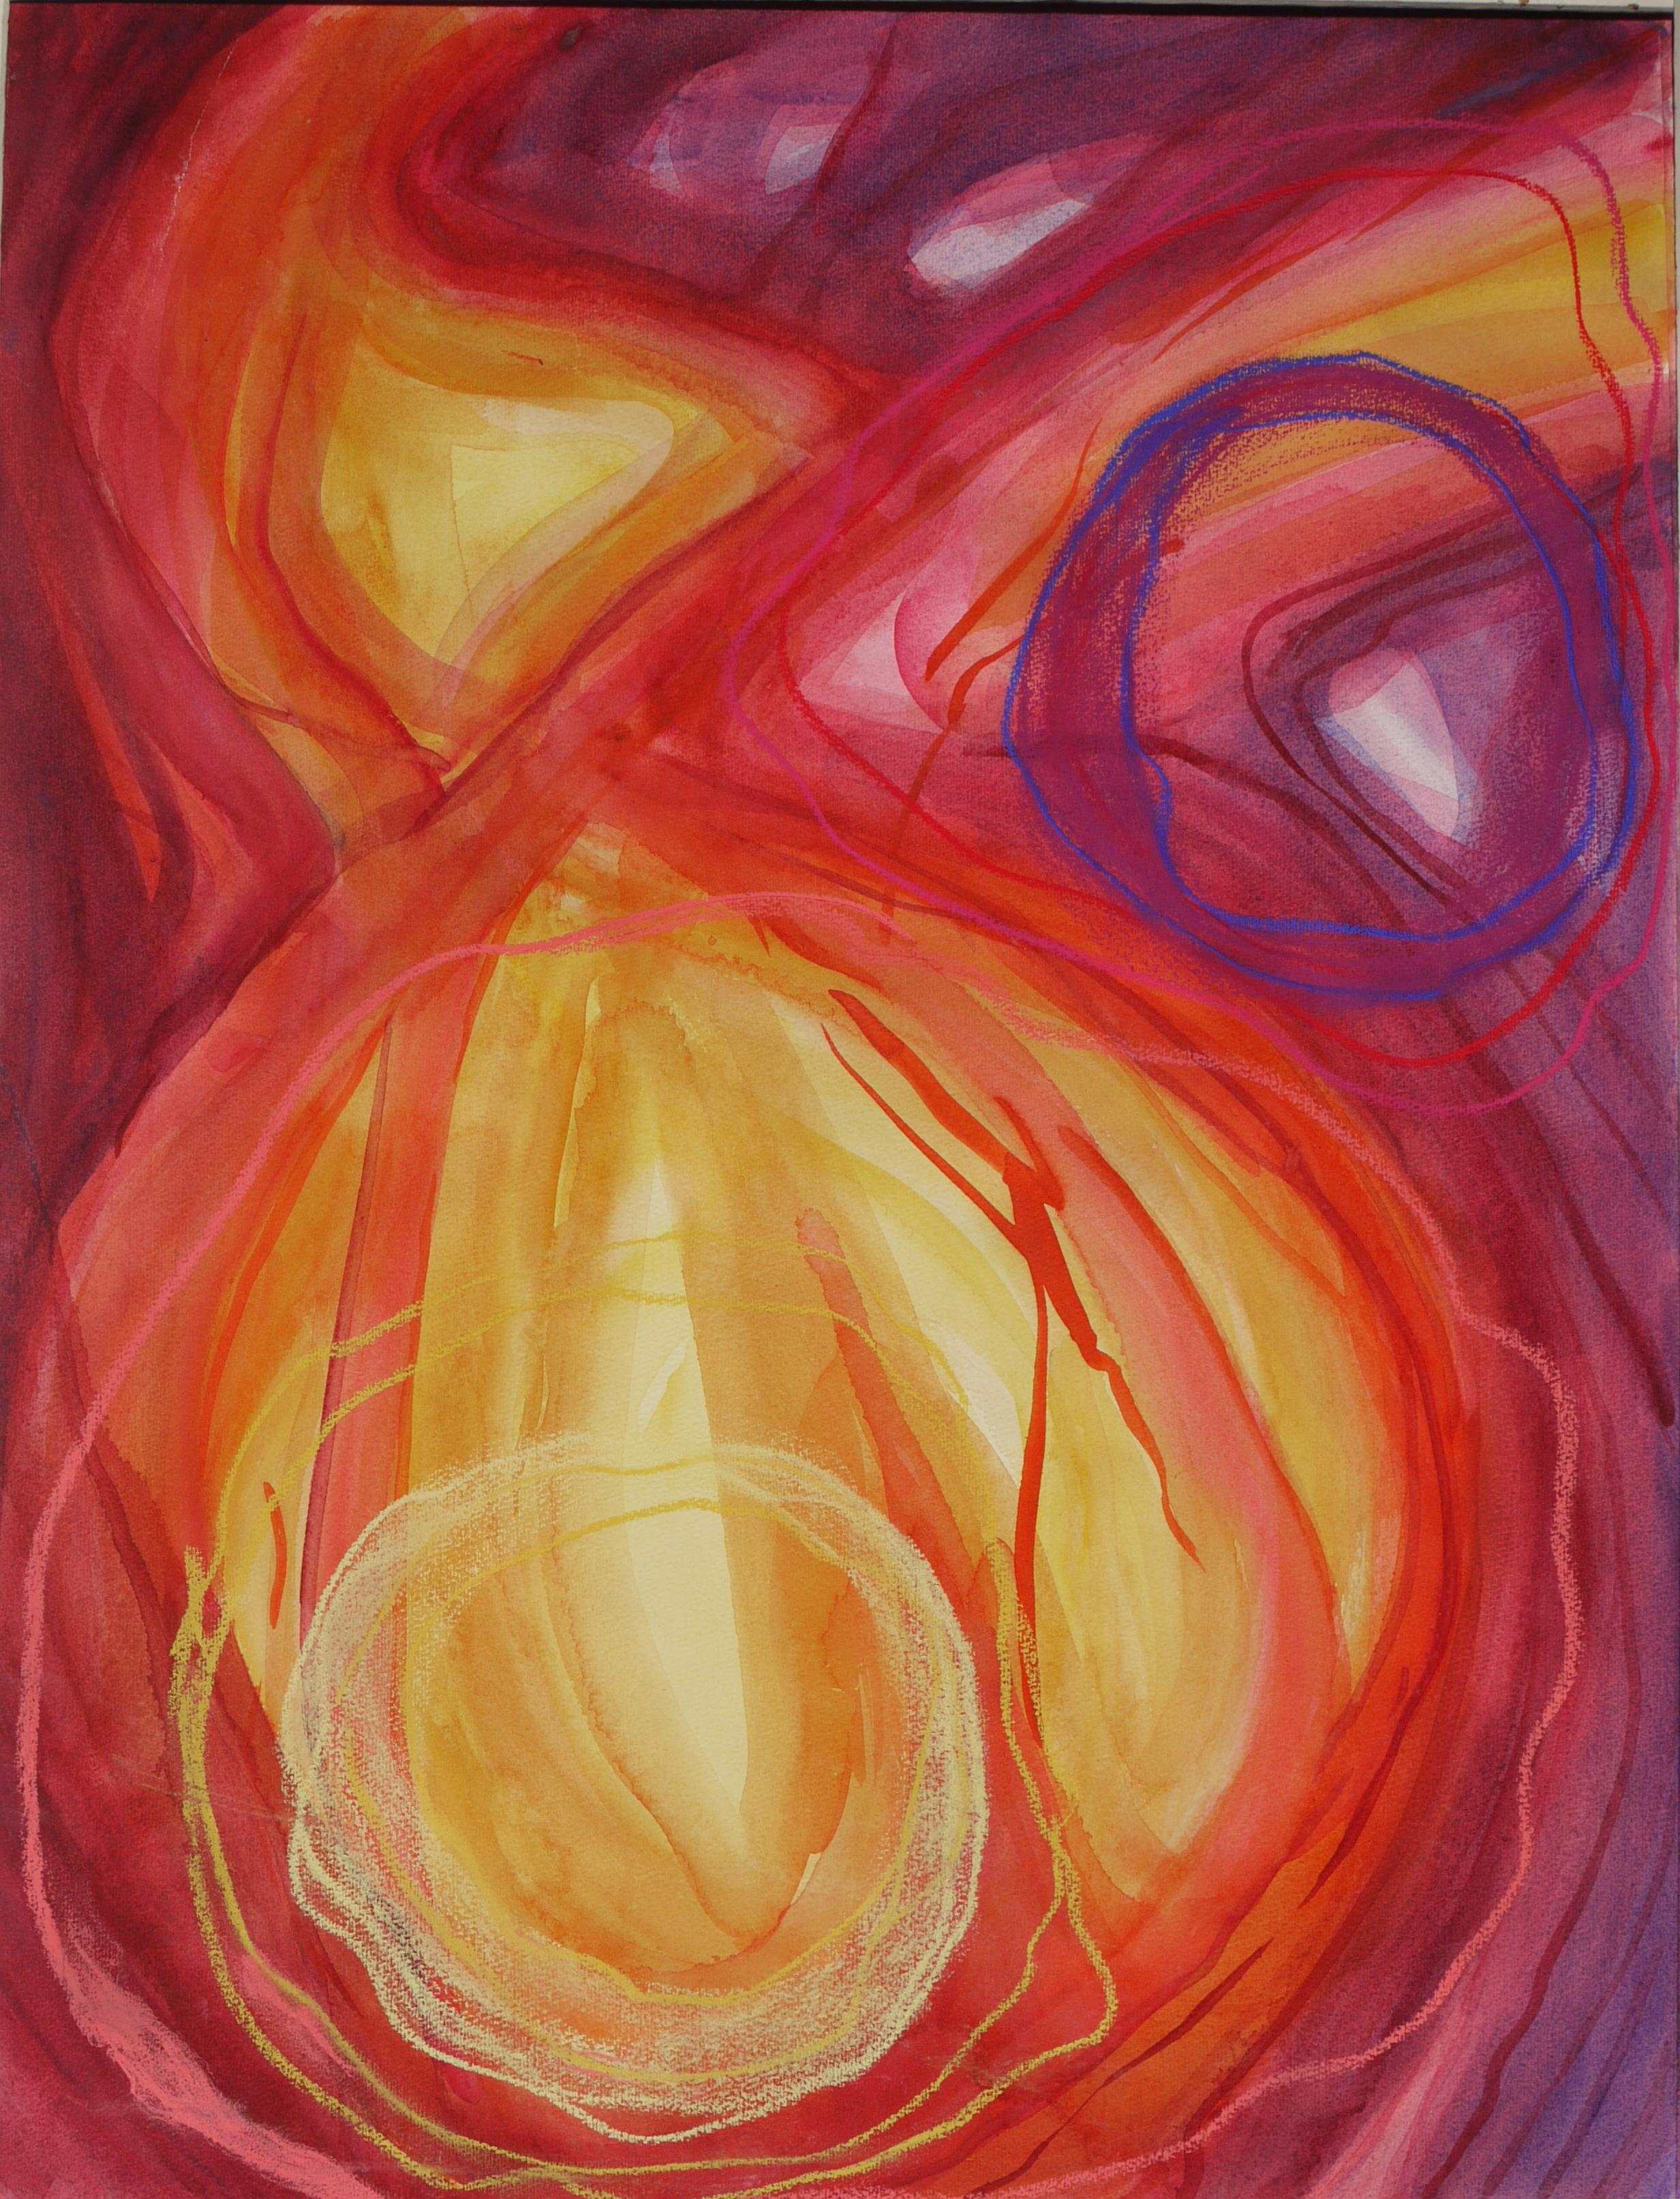 z.t., aquarel, krijt op papier, 50 x 65 cm